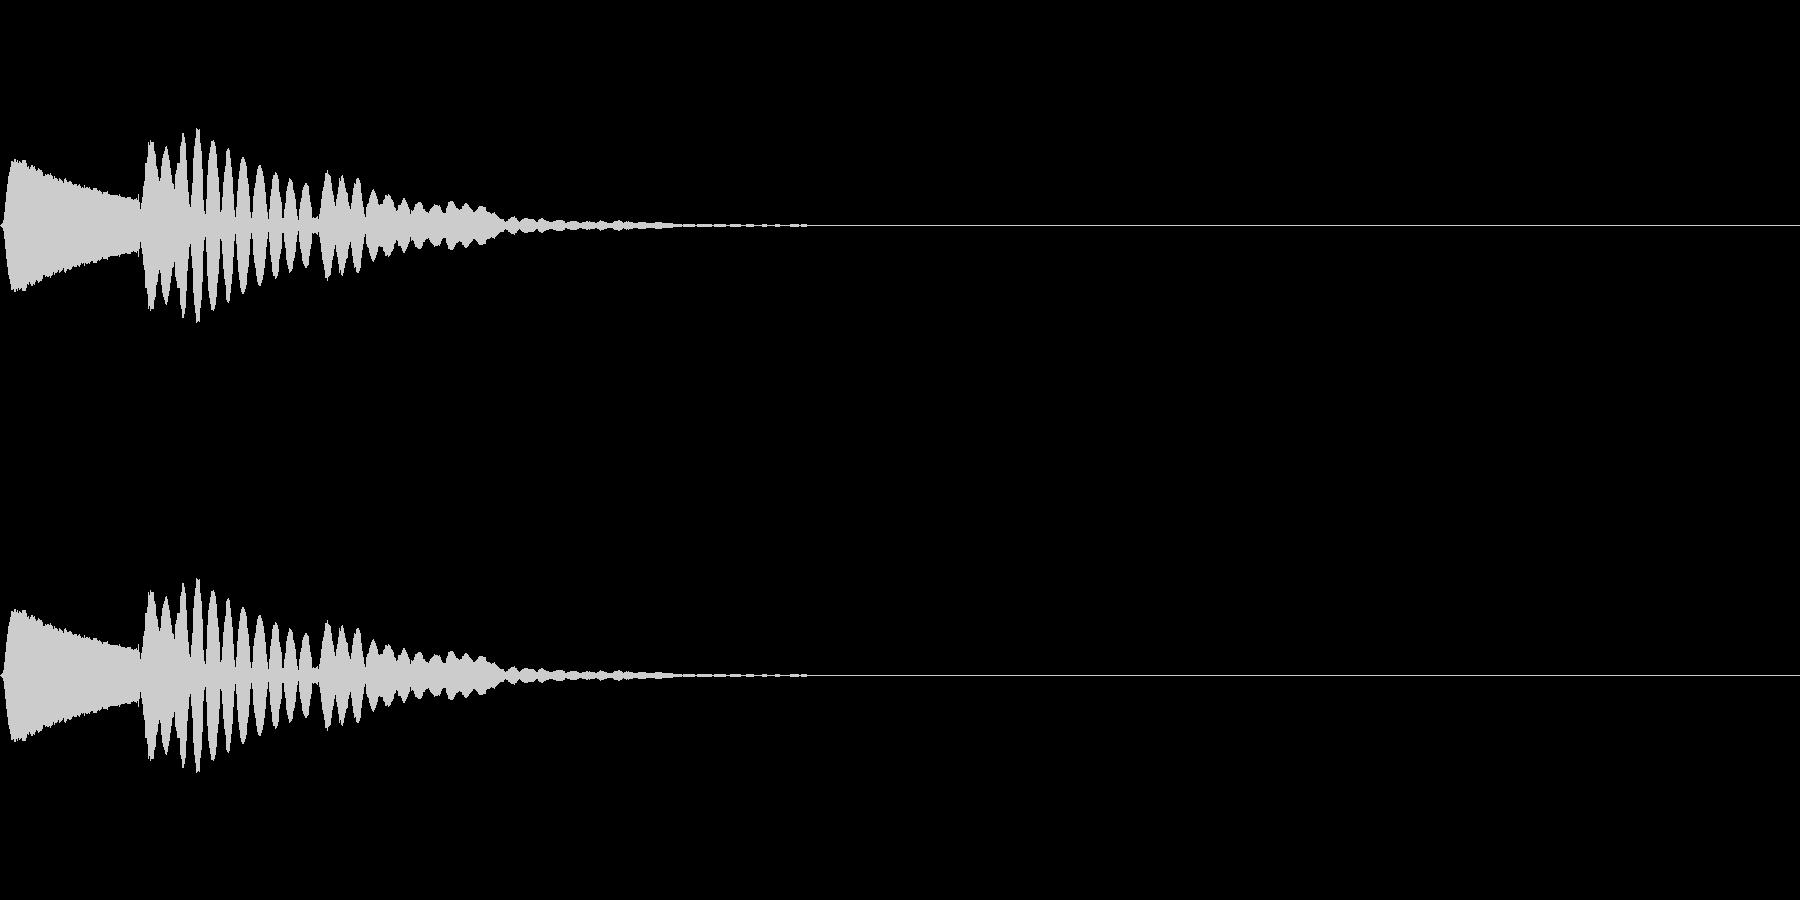 【ピロン】選択音 クリック タッチ 操作の未再生の波形